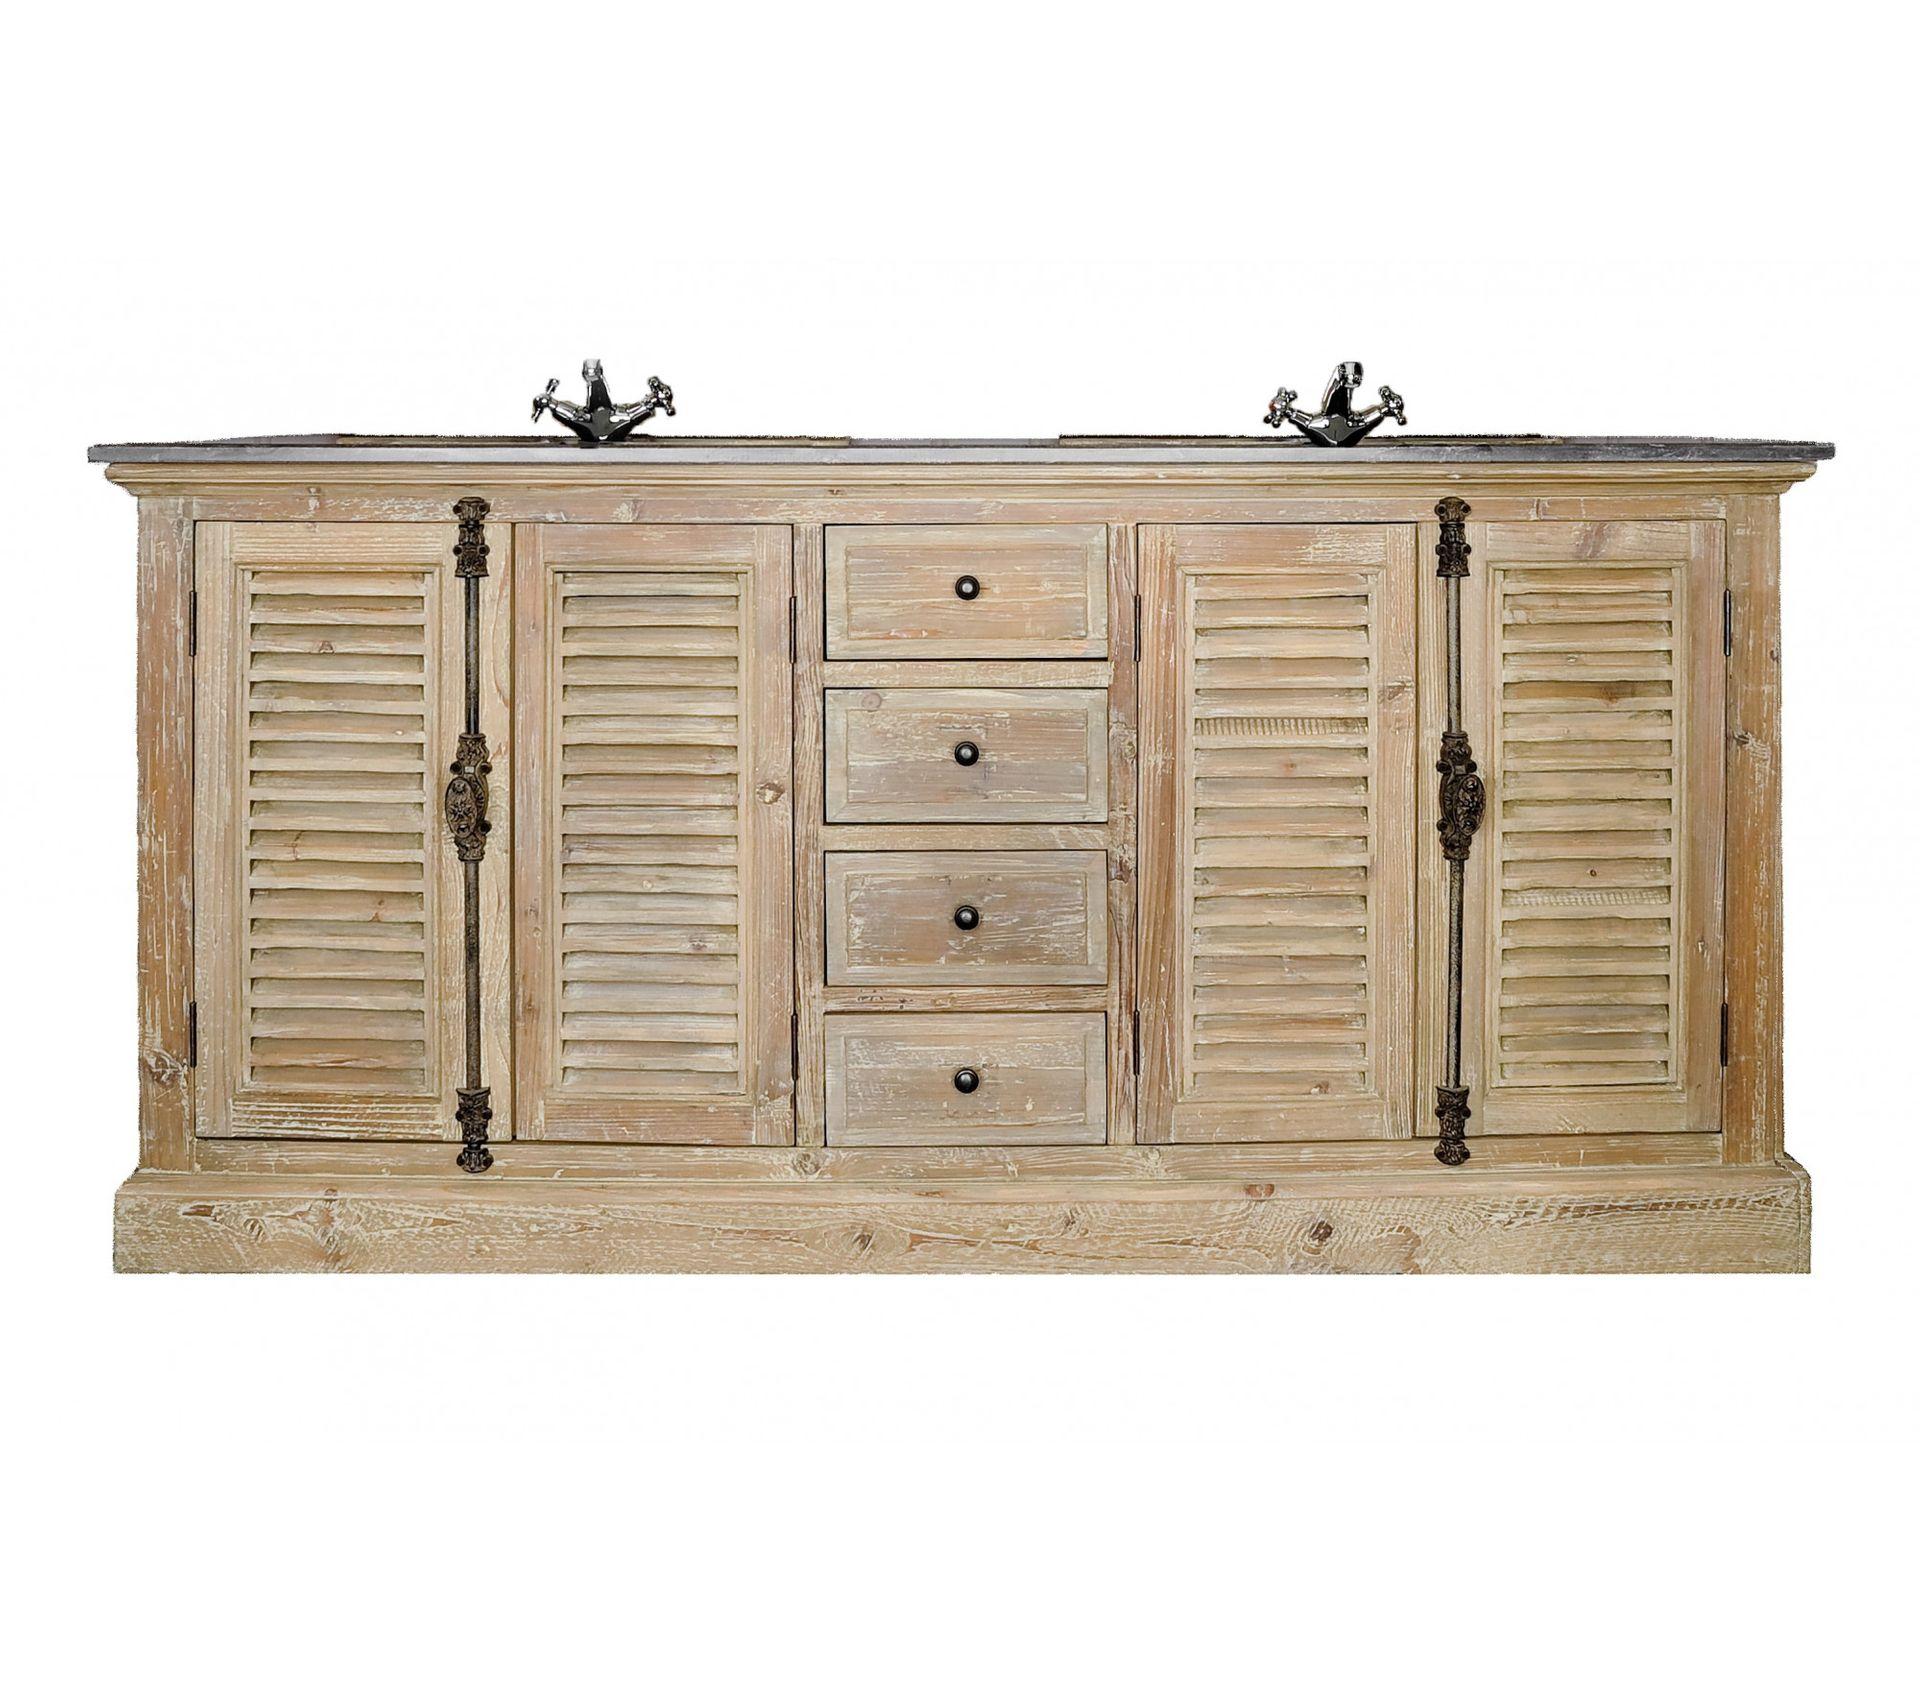 Bois Salle De Bain meuble de salle de bain en bois persiennes - double vasque - hanoï